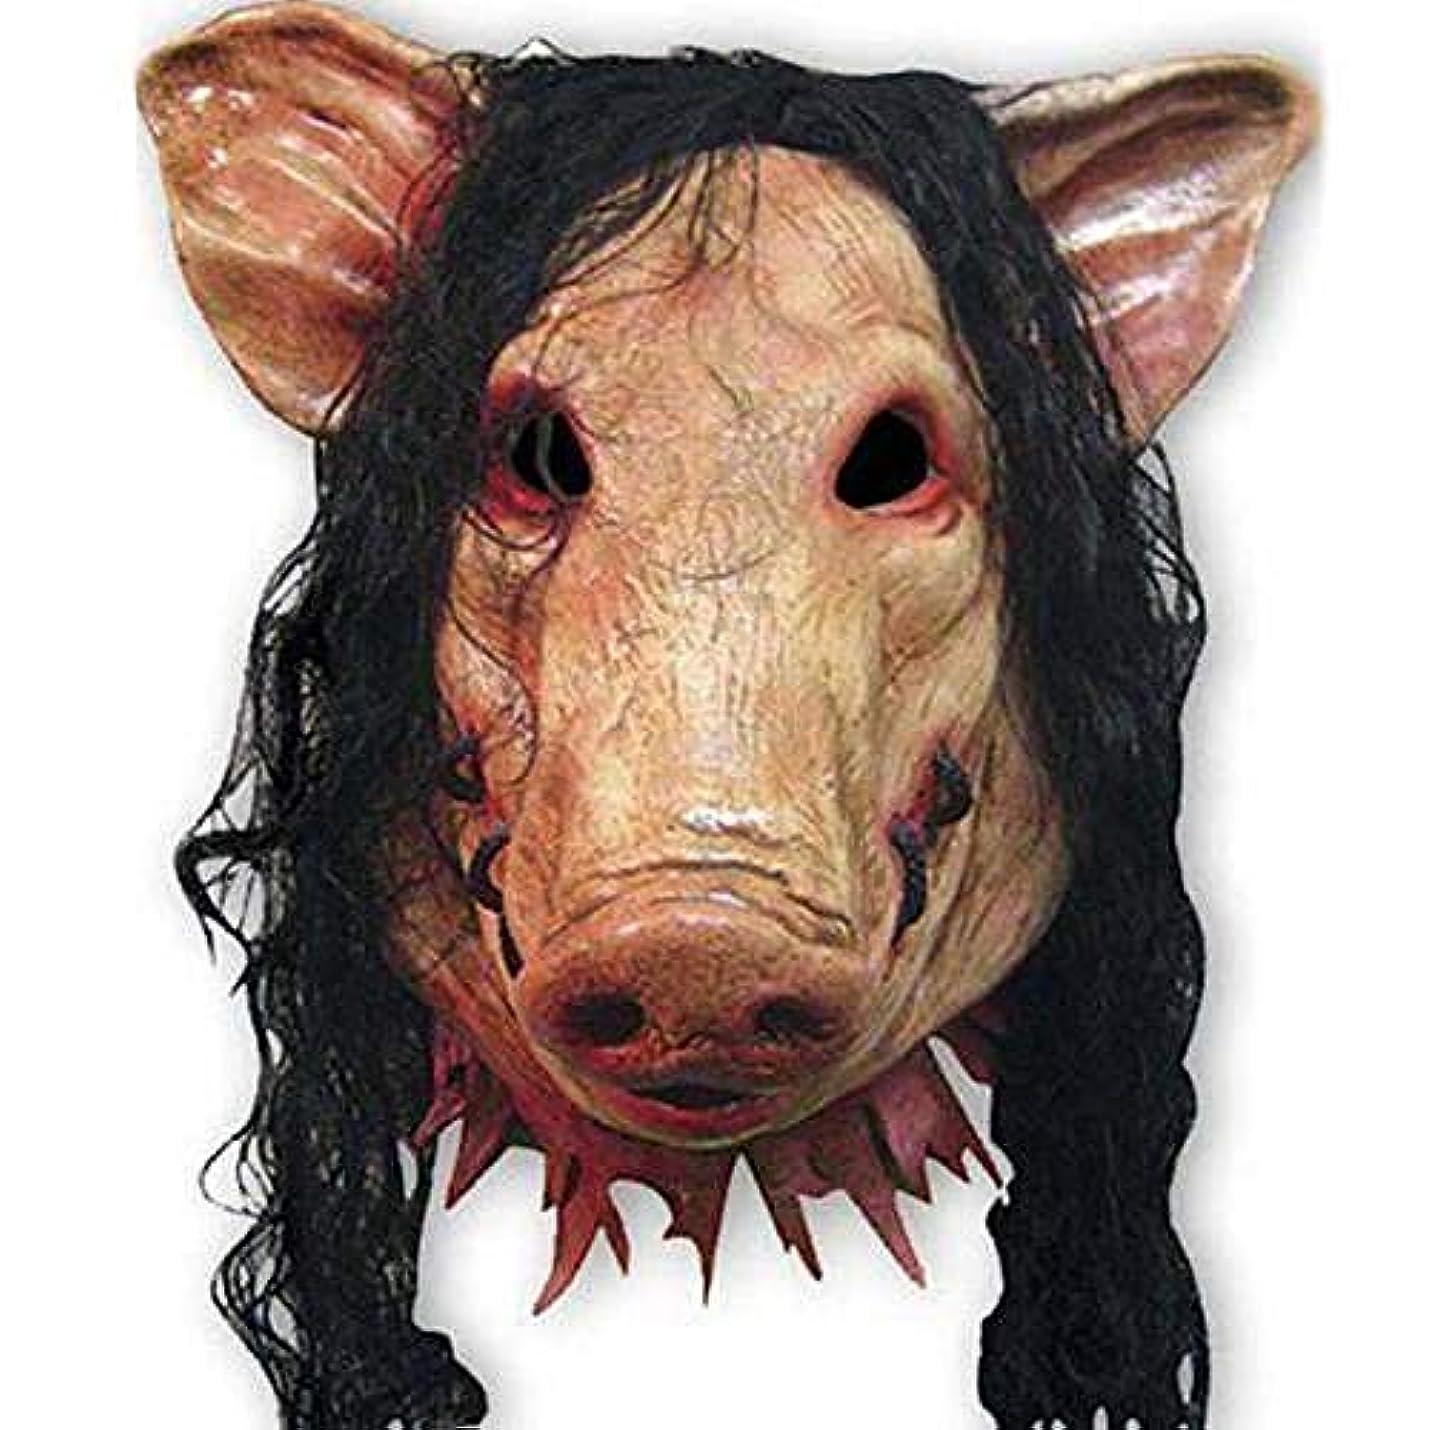 刈る事コースラテックス豚マスク-ハロウィンコスチュームボールコスチュームコスプレ、ユニセックス怖いマスク豚